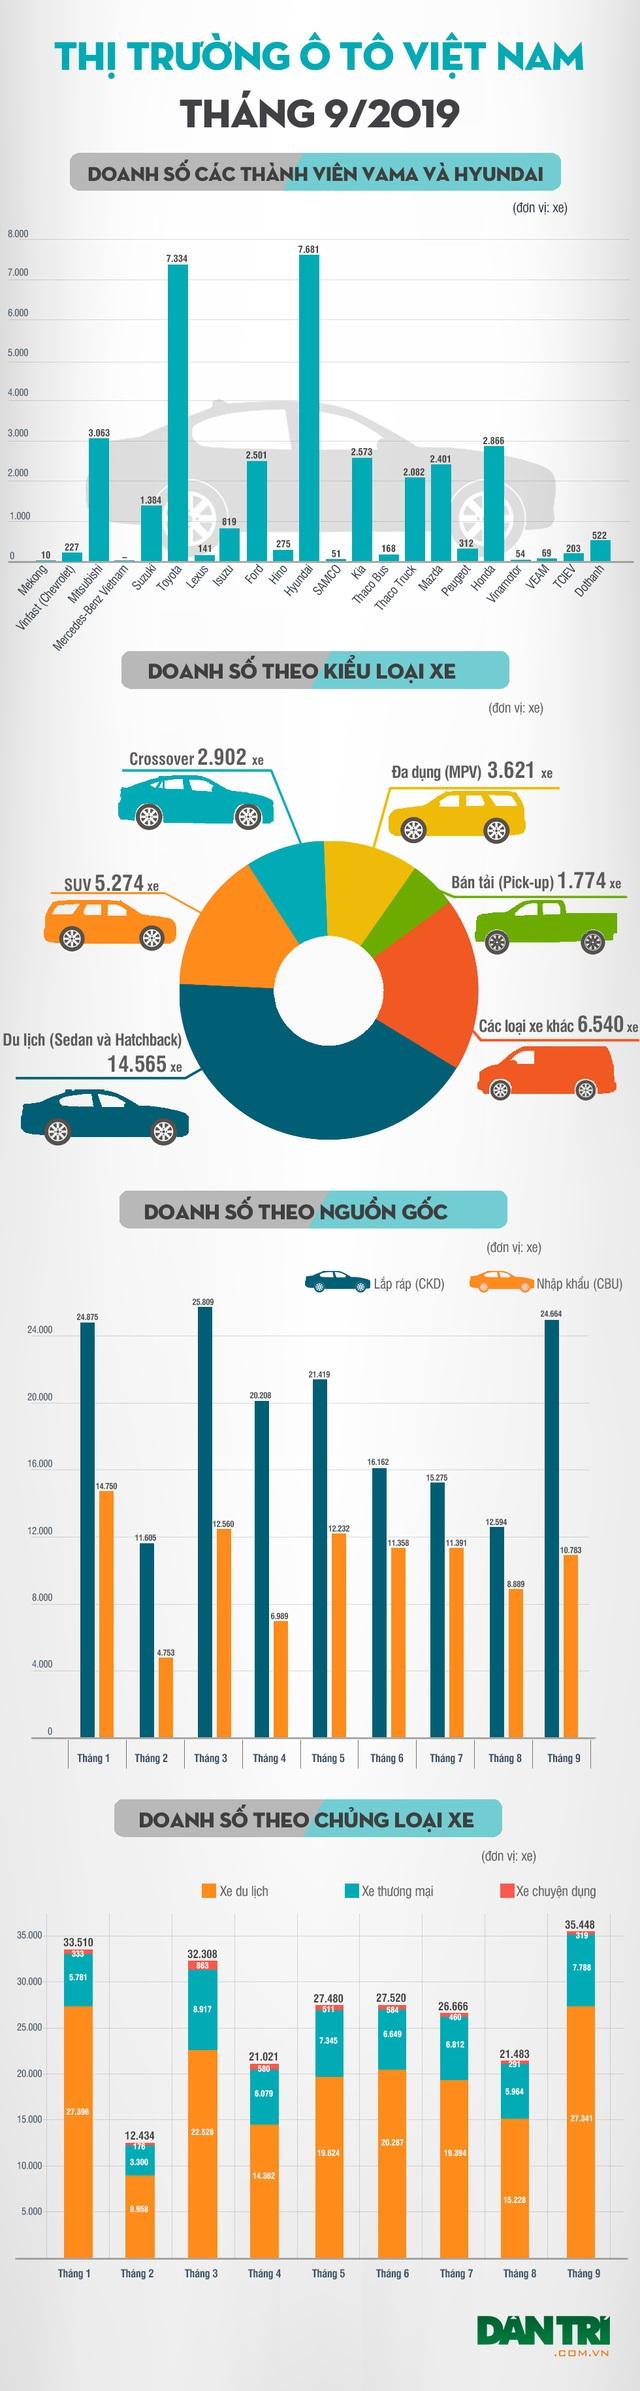 Thương hiệu nào bán nhiều xe nhất tháng 9/2019? - 4